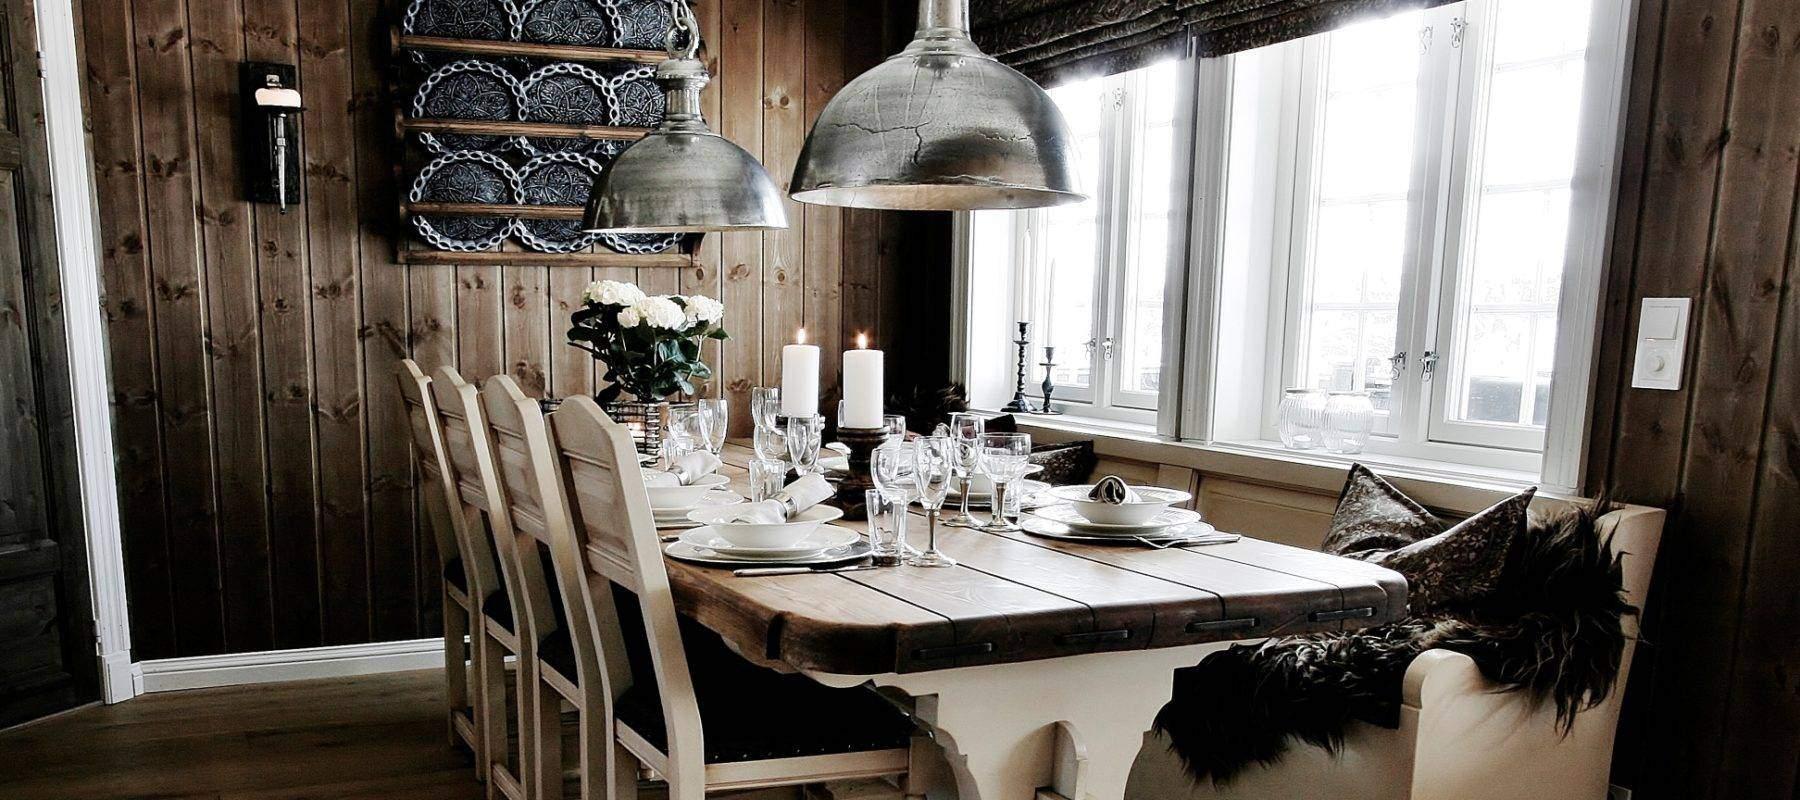 2915 Hytteinteriør fra hytte på Gålå